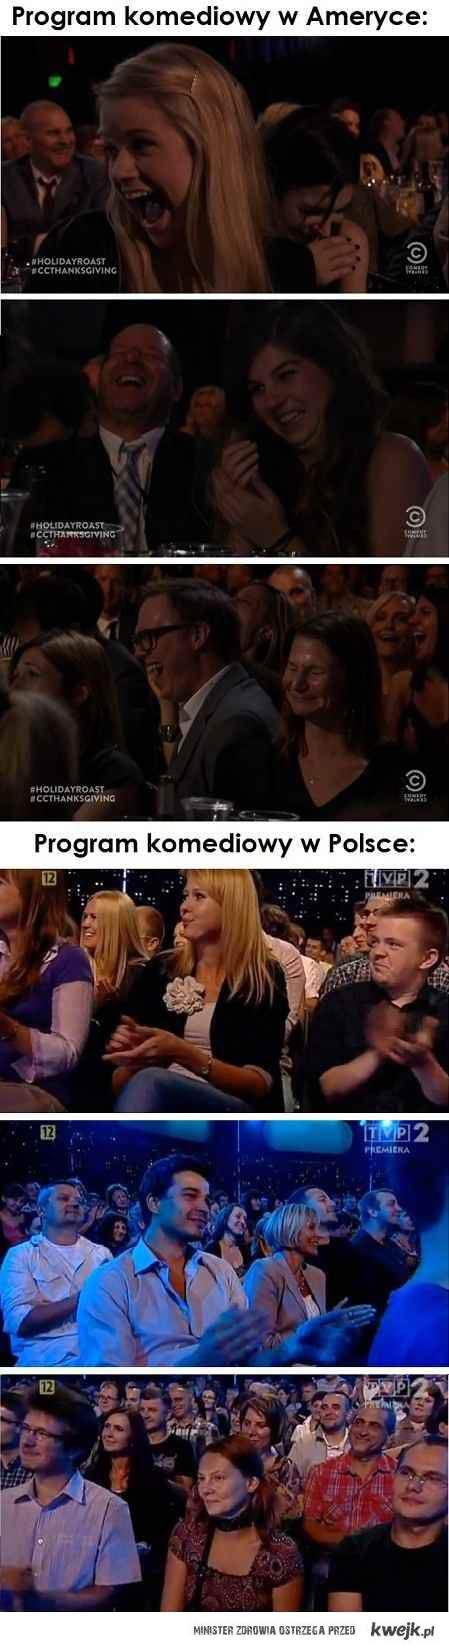 Programy komediowe